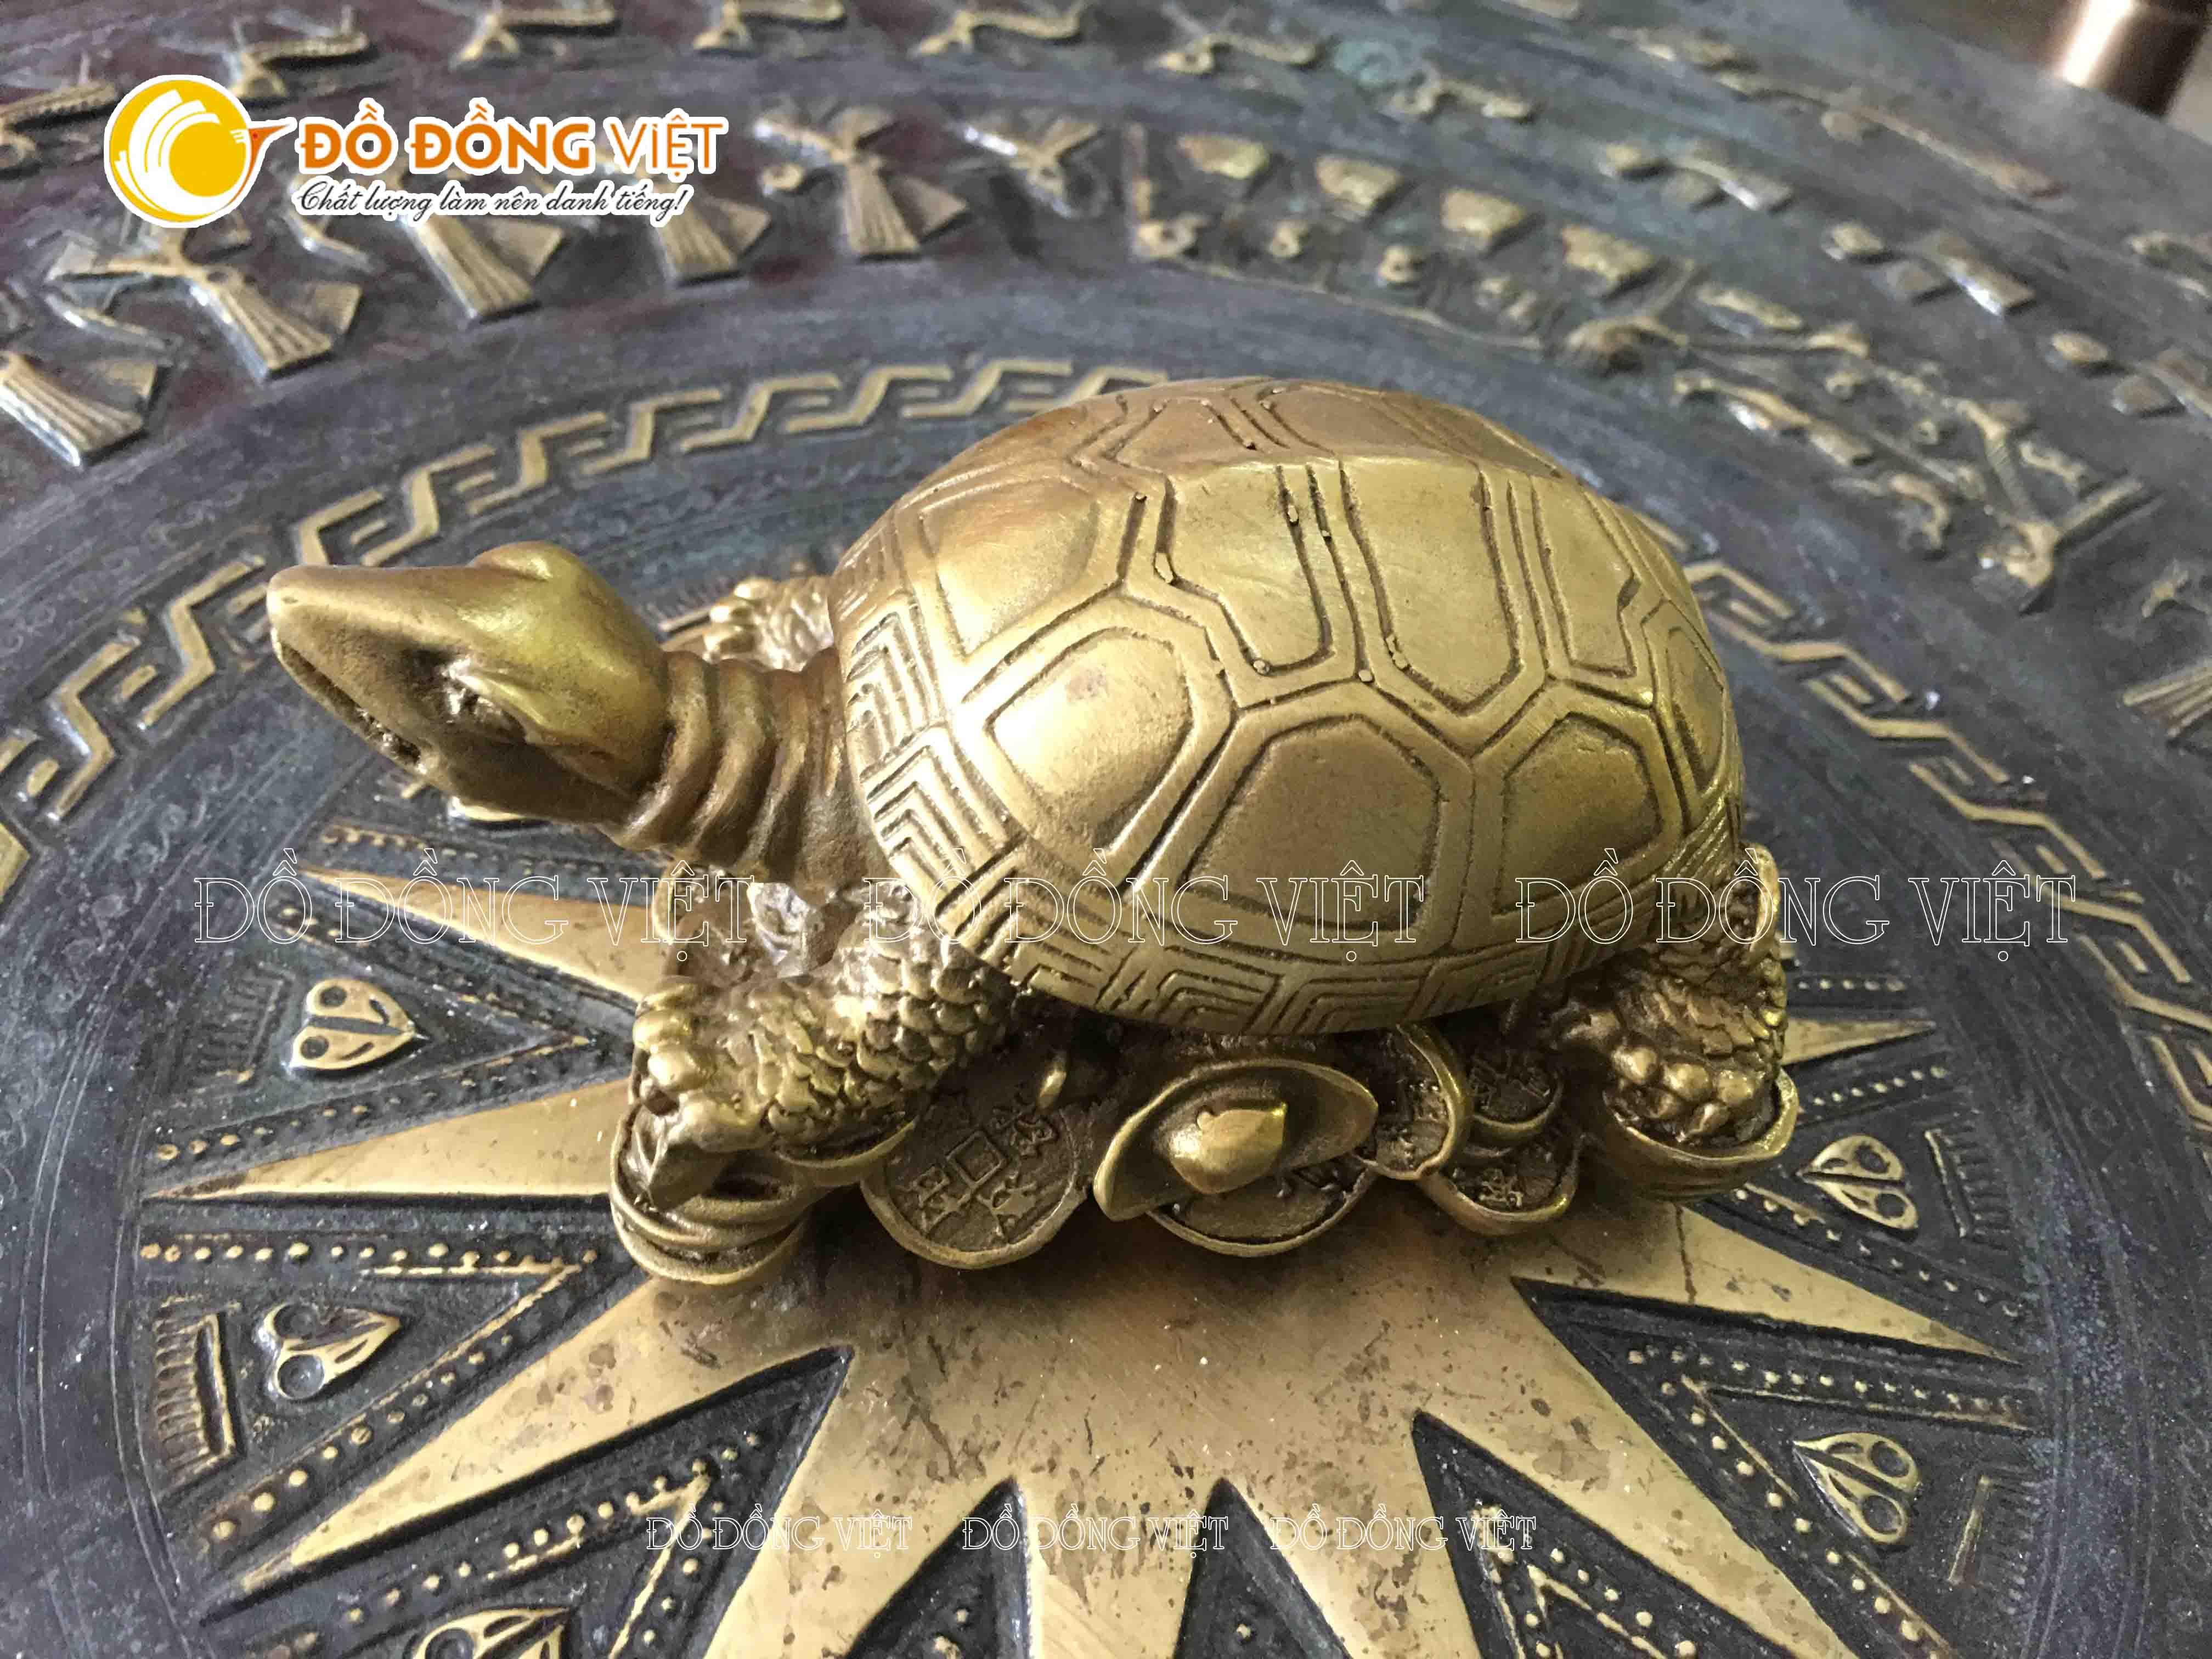 Tượng rùa bằng đồng, tượng linh vật phong thủy